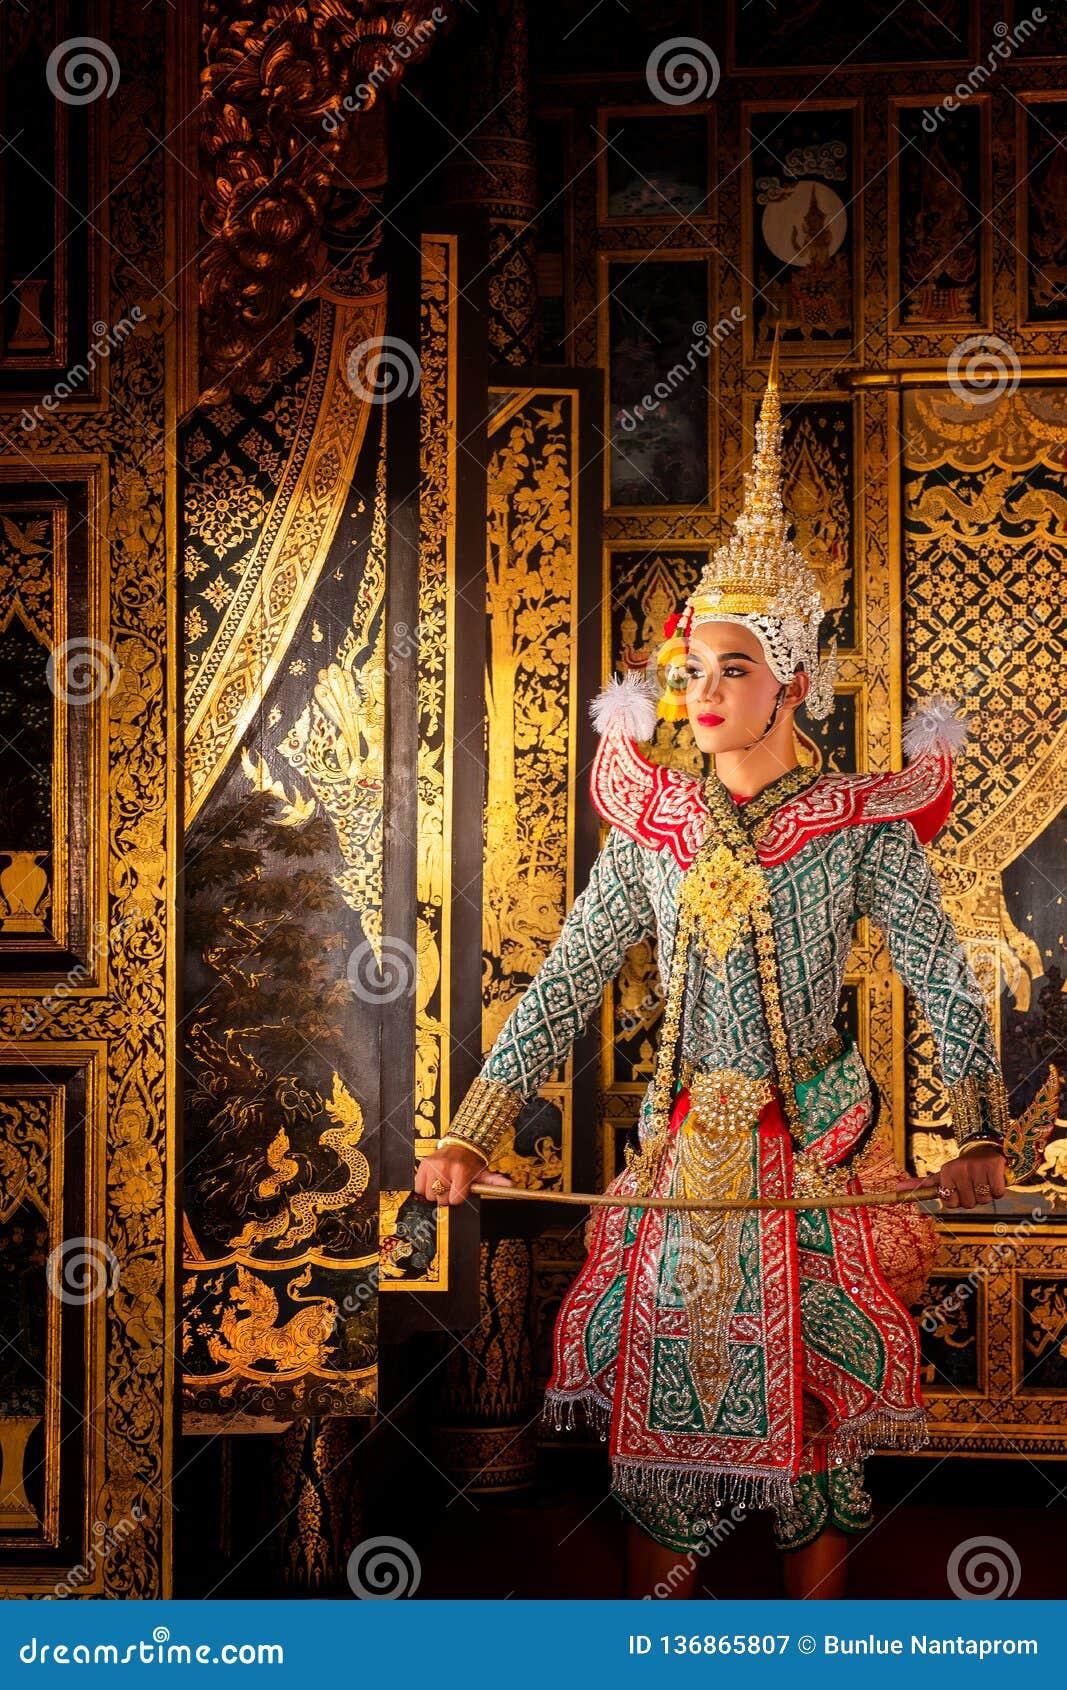 Baile de Tailandia de la cultura del arte en khon enmascarado en el ramayana de la literatura, mono clásico tailandés enmascarado